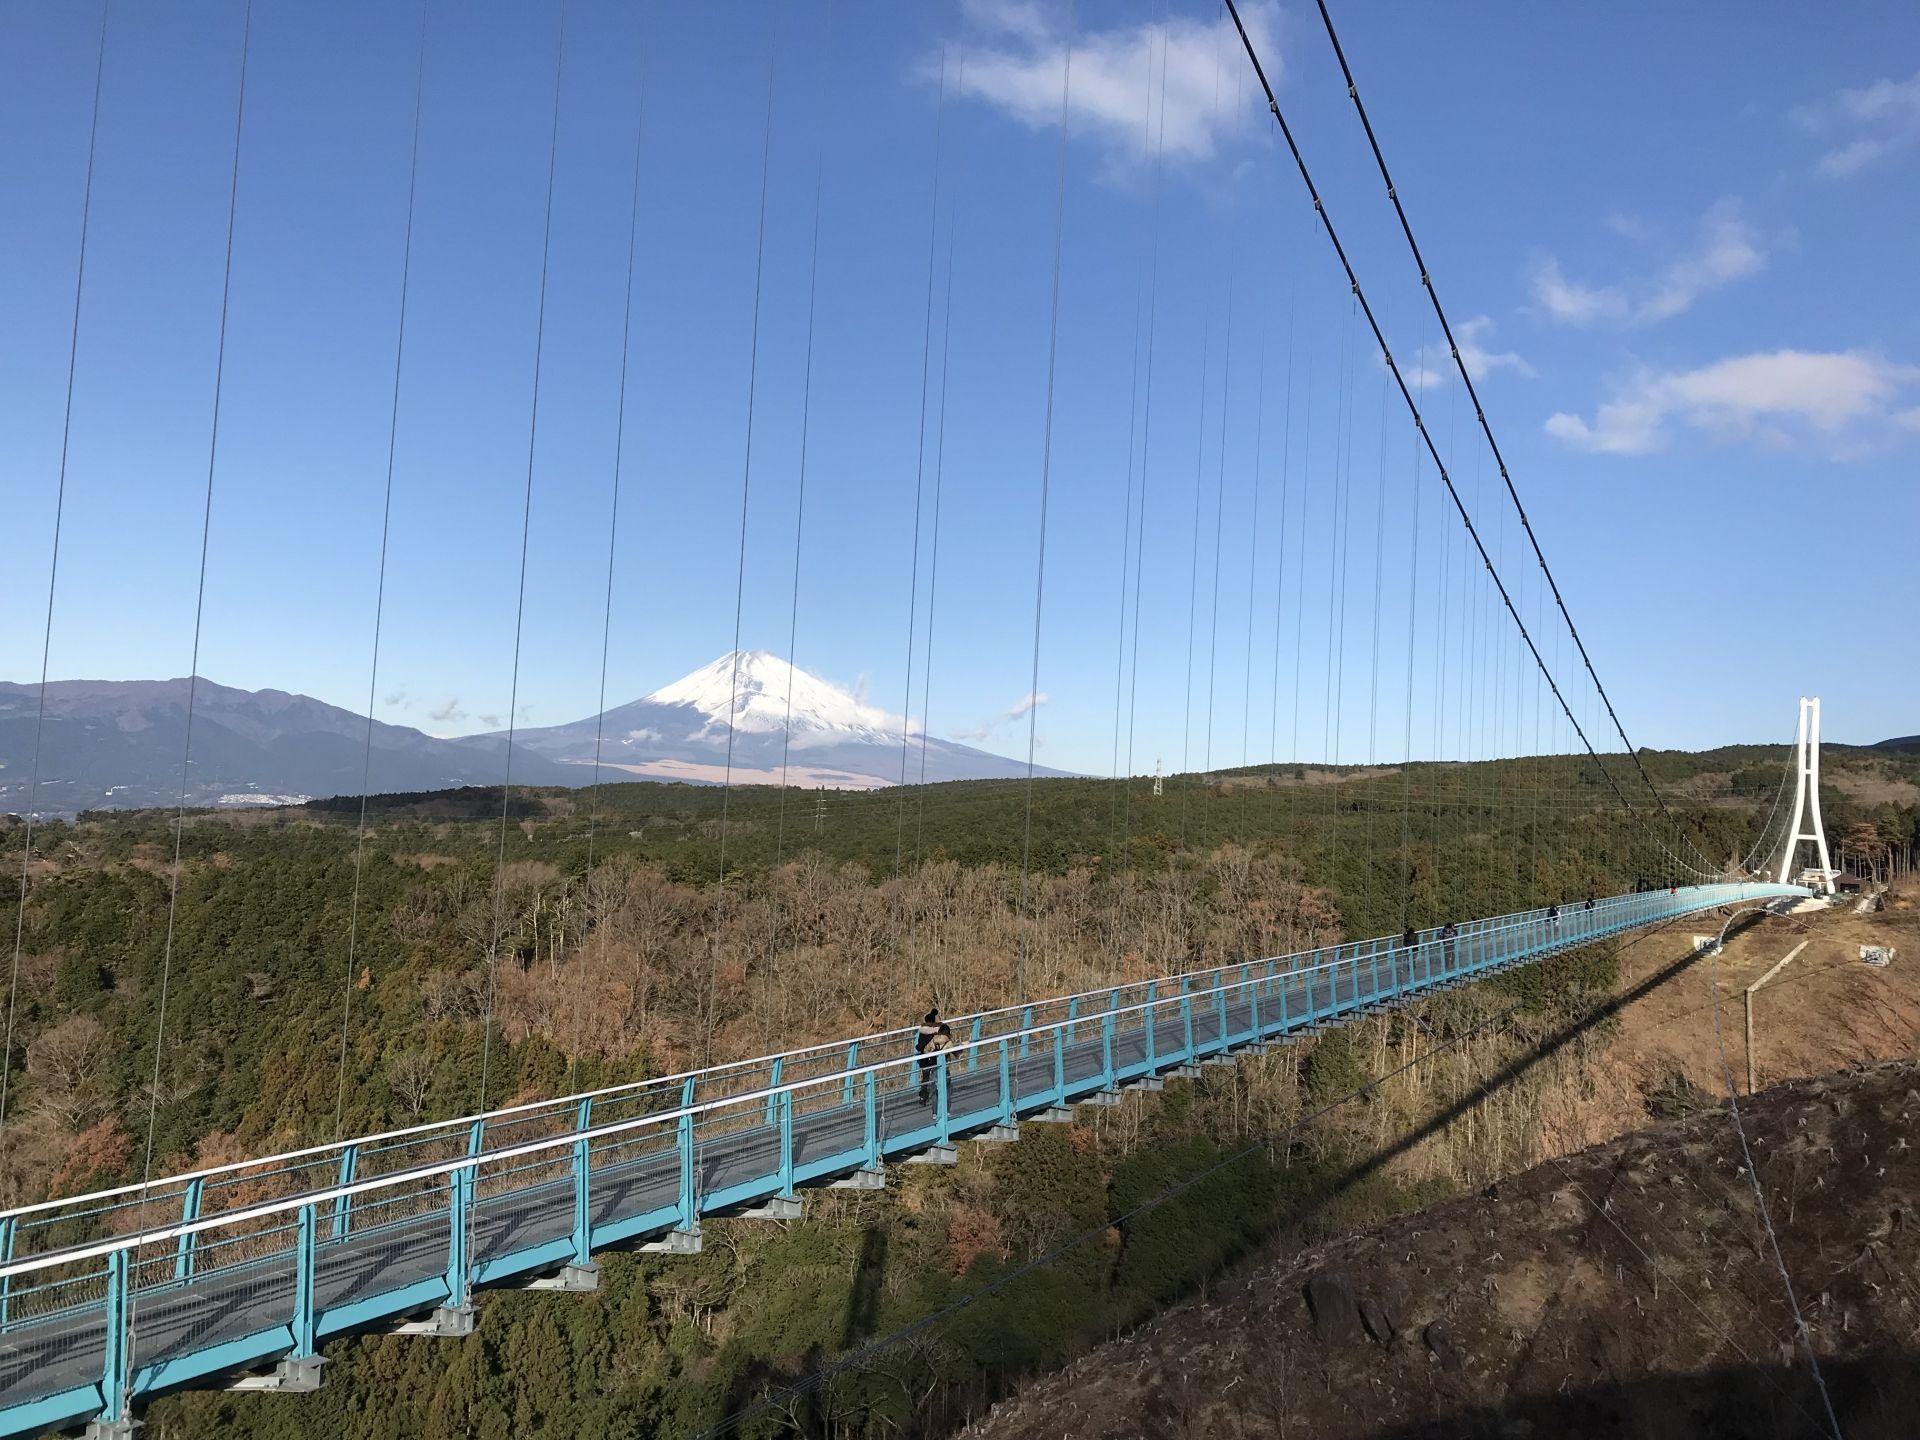 【富士山】爬山登頂遠望打卡 富士山與周邊玩法一網打盡